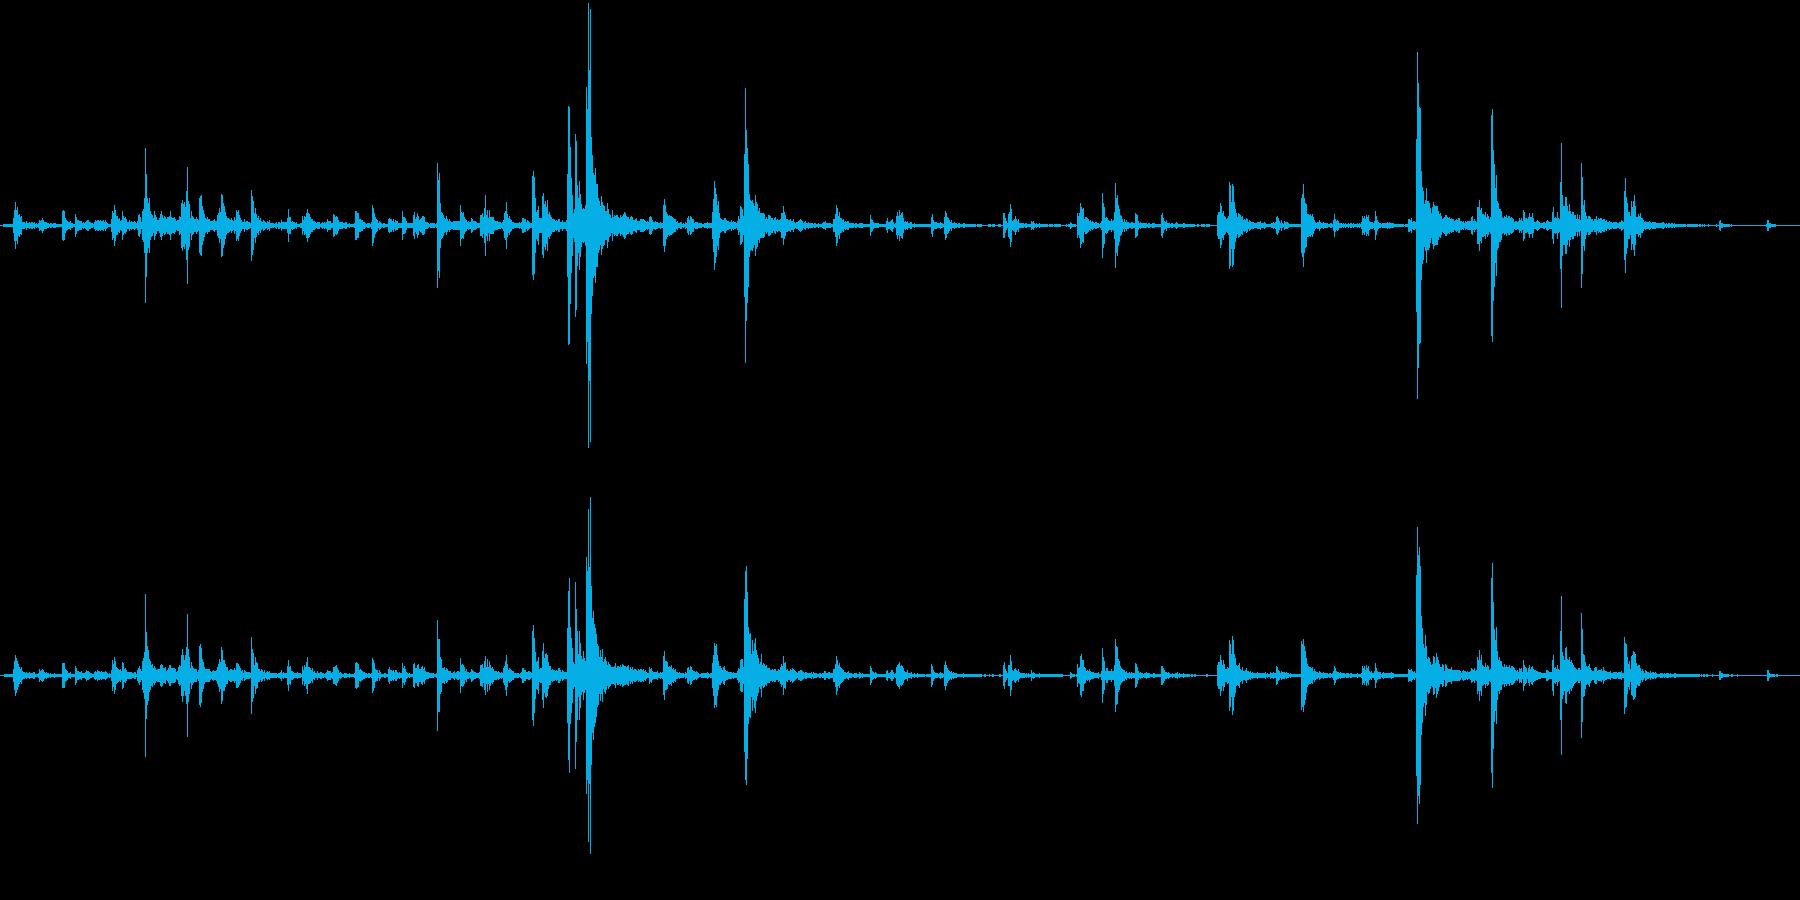 【生録音】弁当・惣菜パックの音 8の再生済みの波形